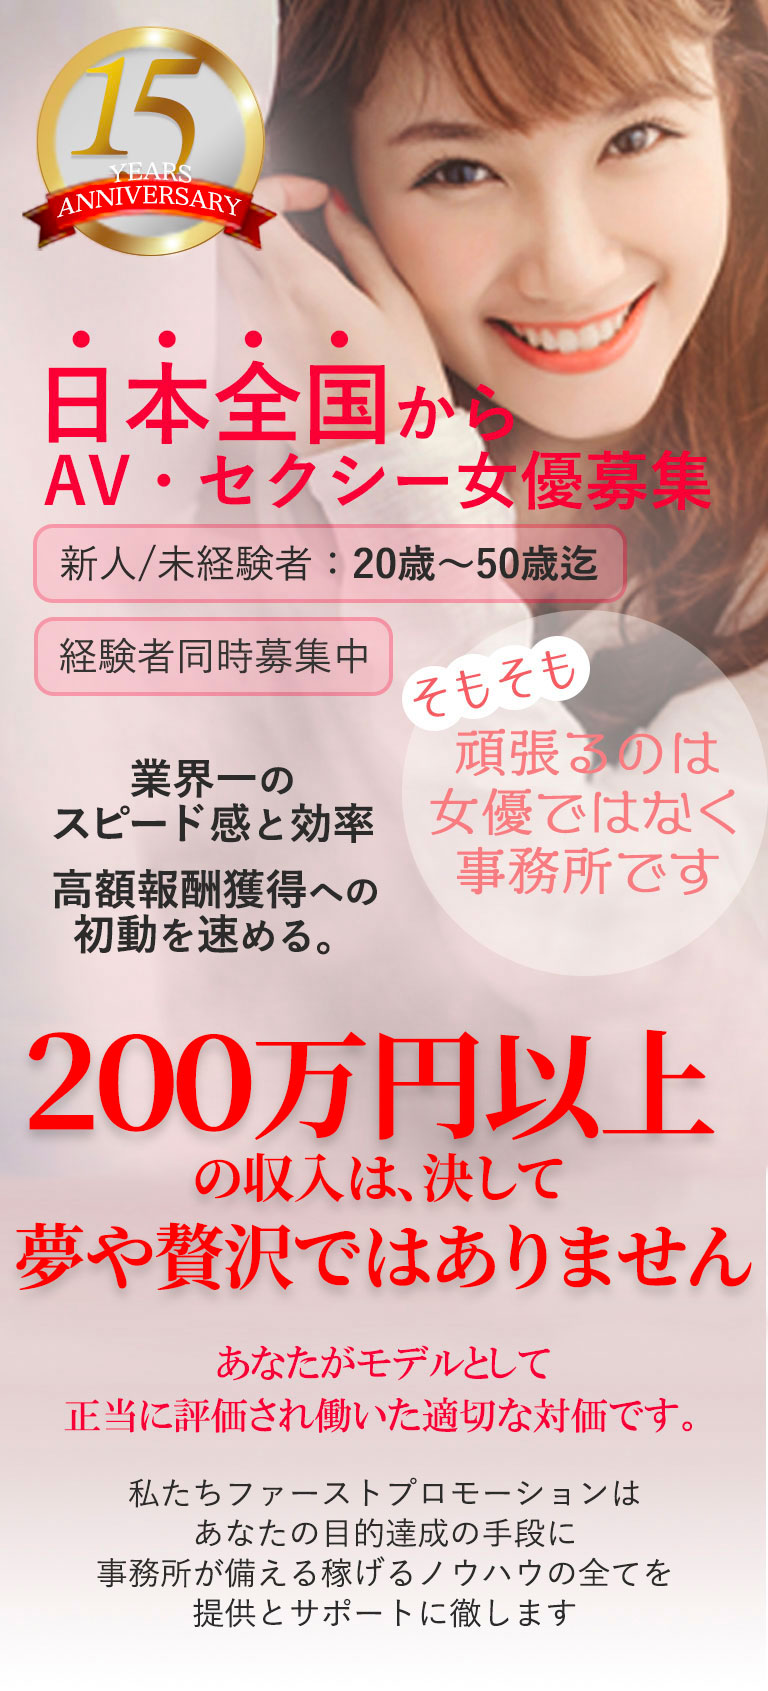 日本全国からAV・セクシー女優募集